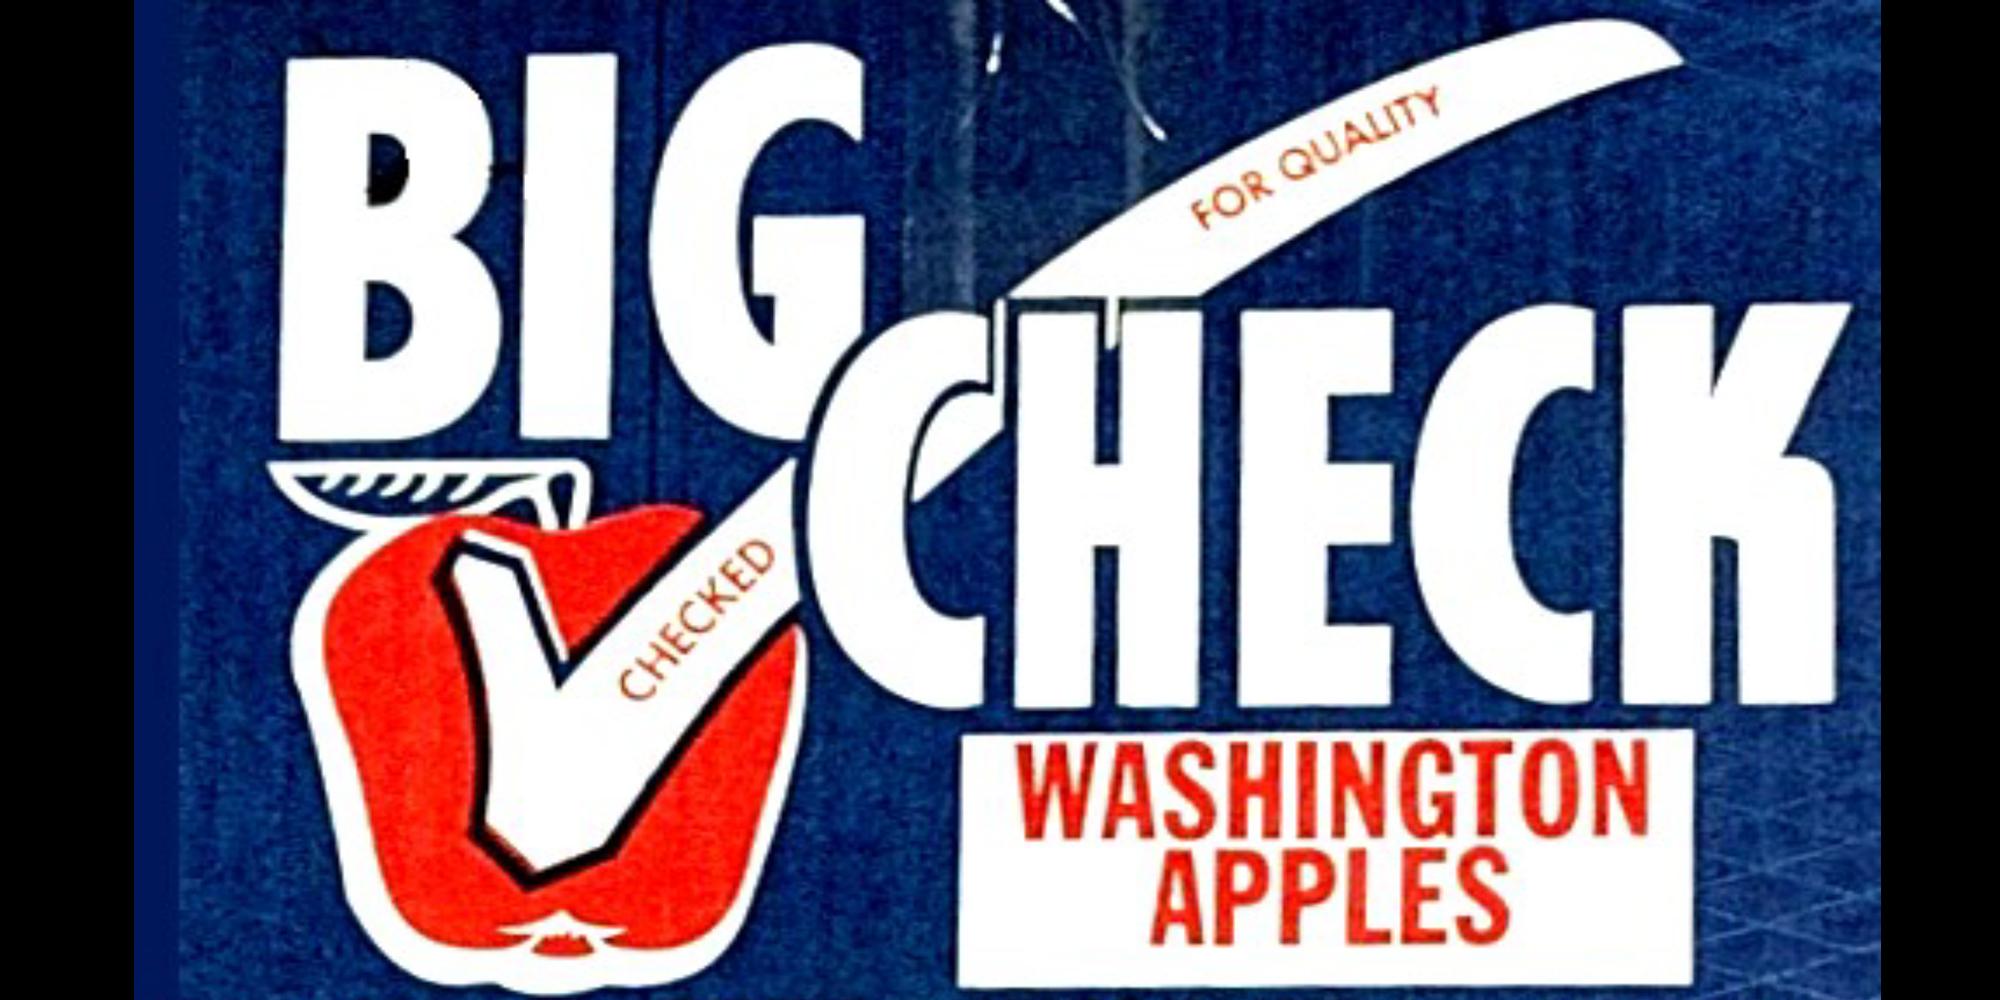 3-bigcheck.png